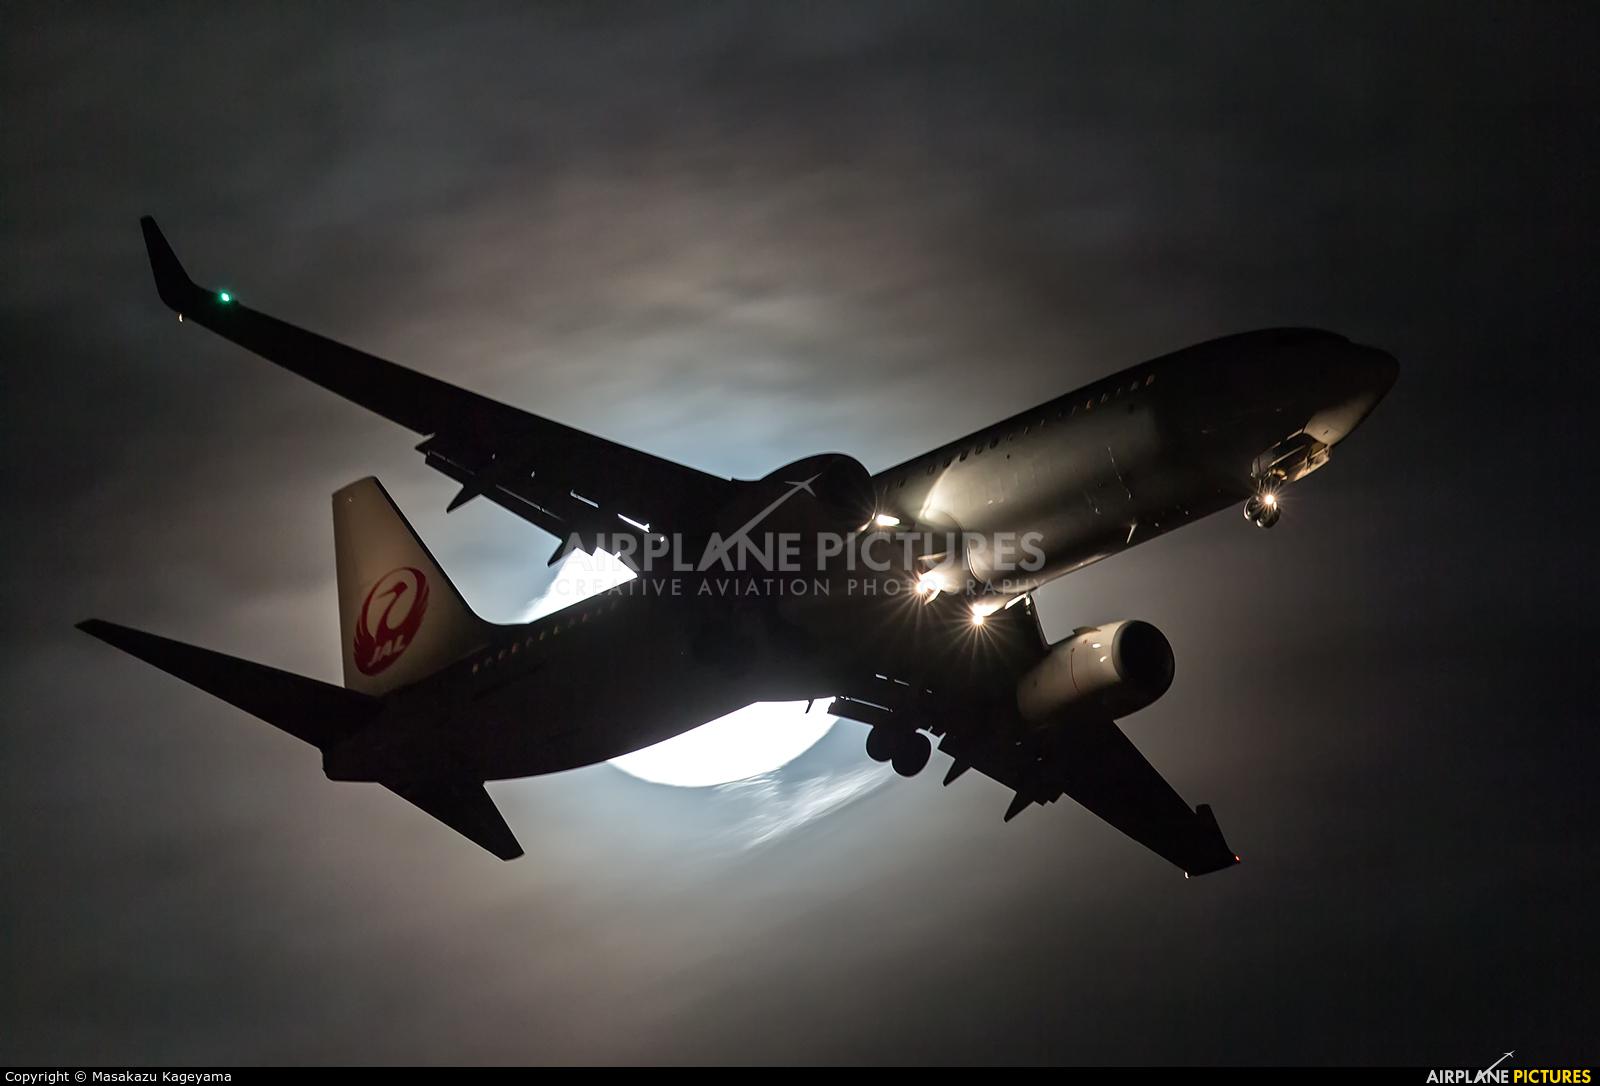 JAL - Japan Airlines JA324J aircraft at Tokyo - Haneda Intl